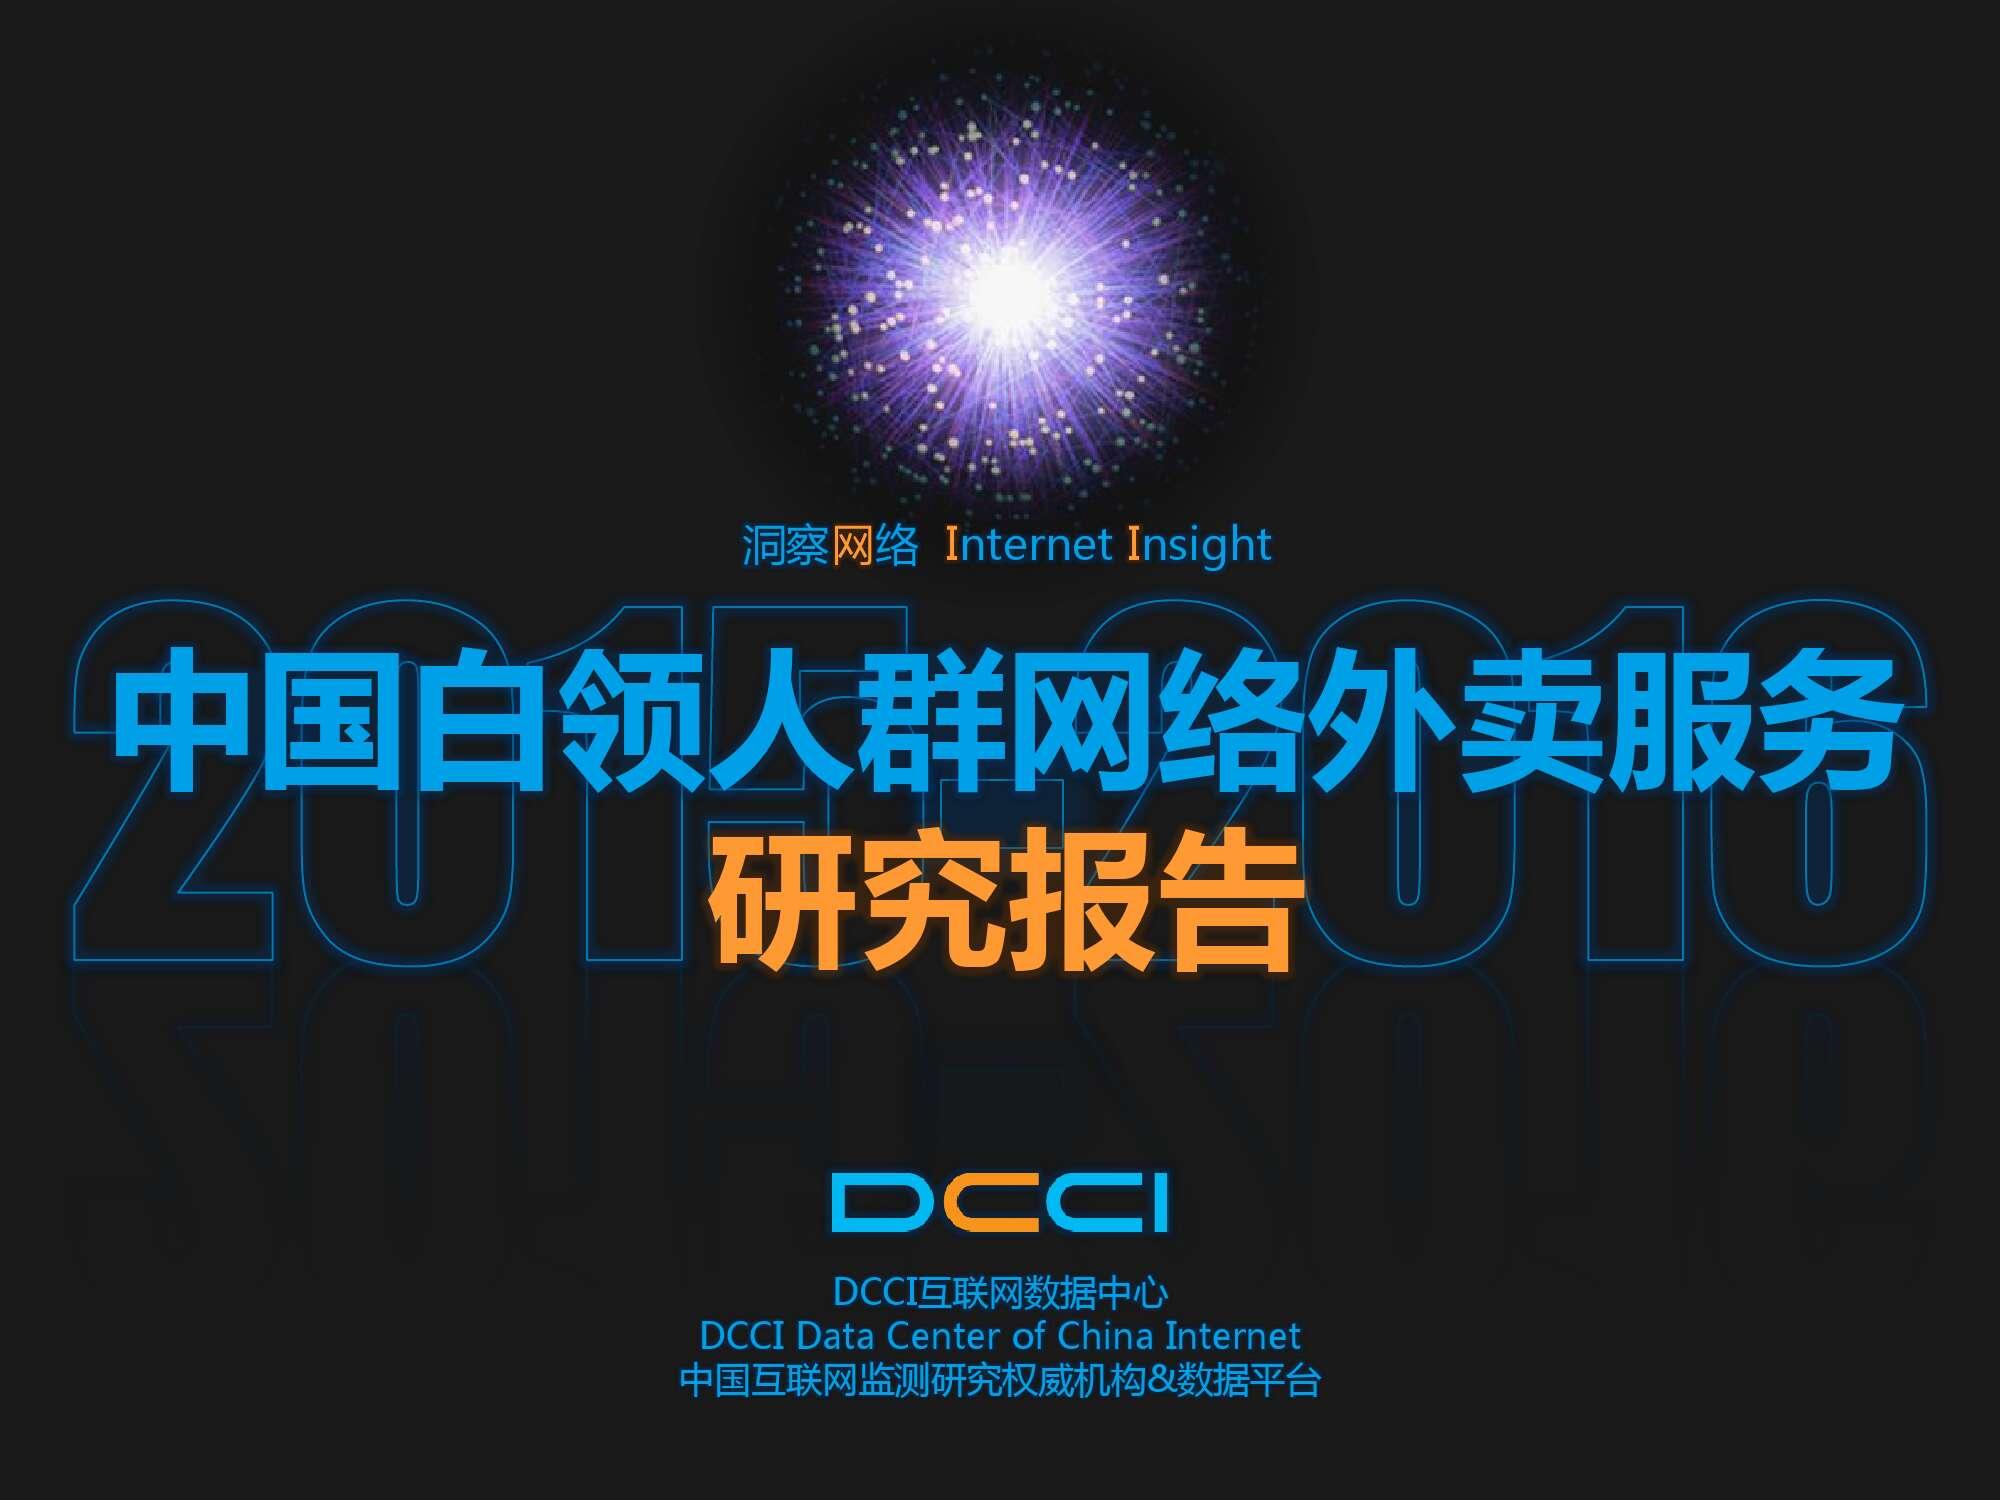 2015中国白领人群网络外卖服务研究报告_000001